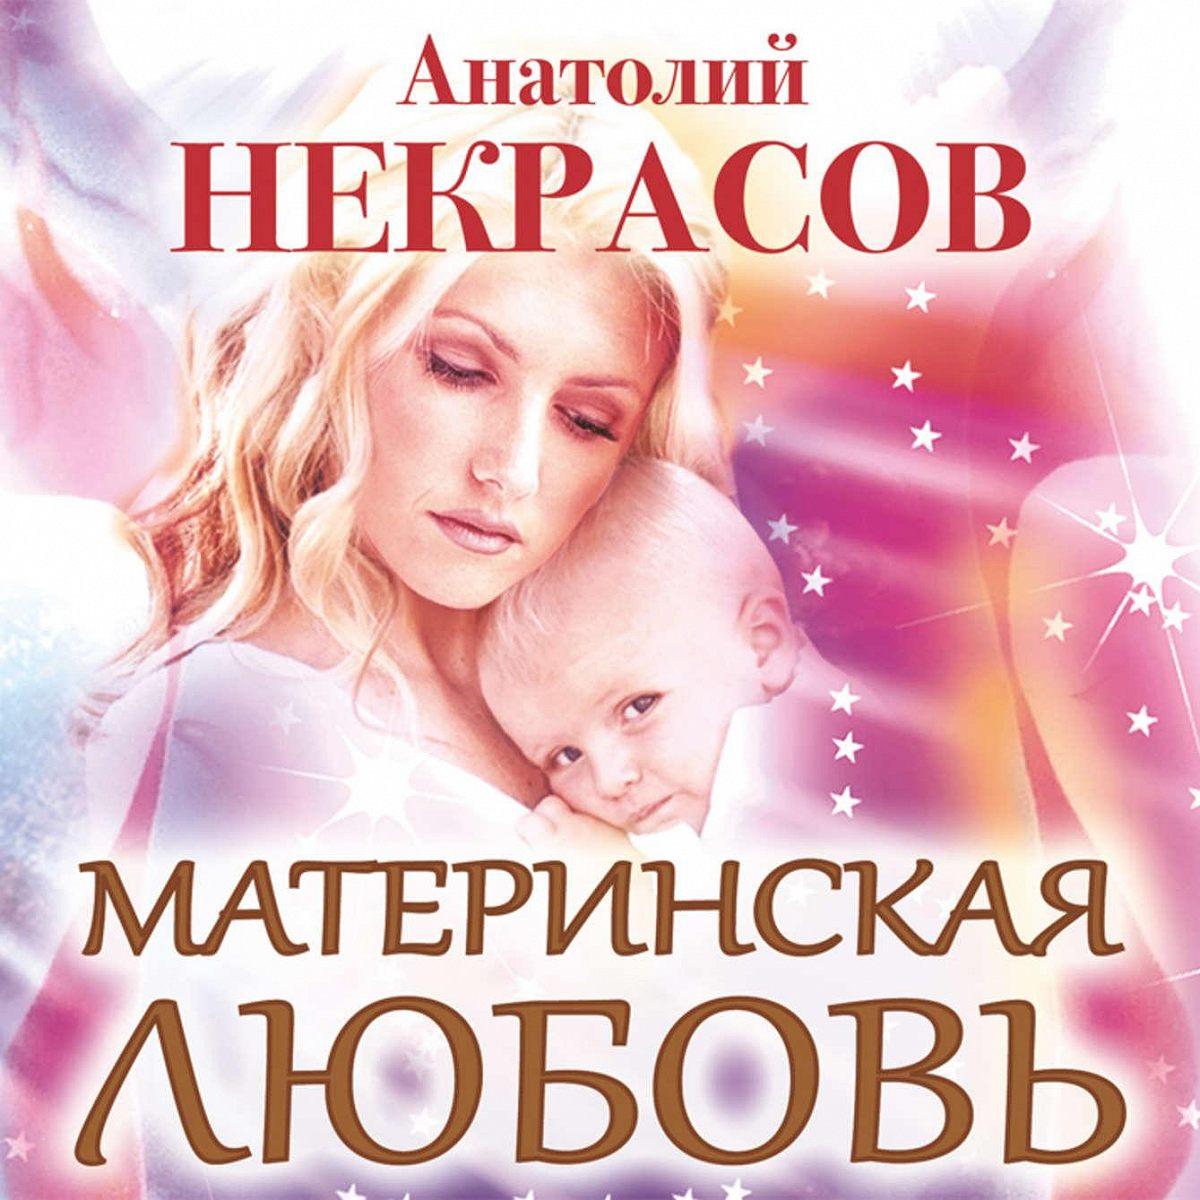 Некрасов Материнская любовь